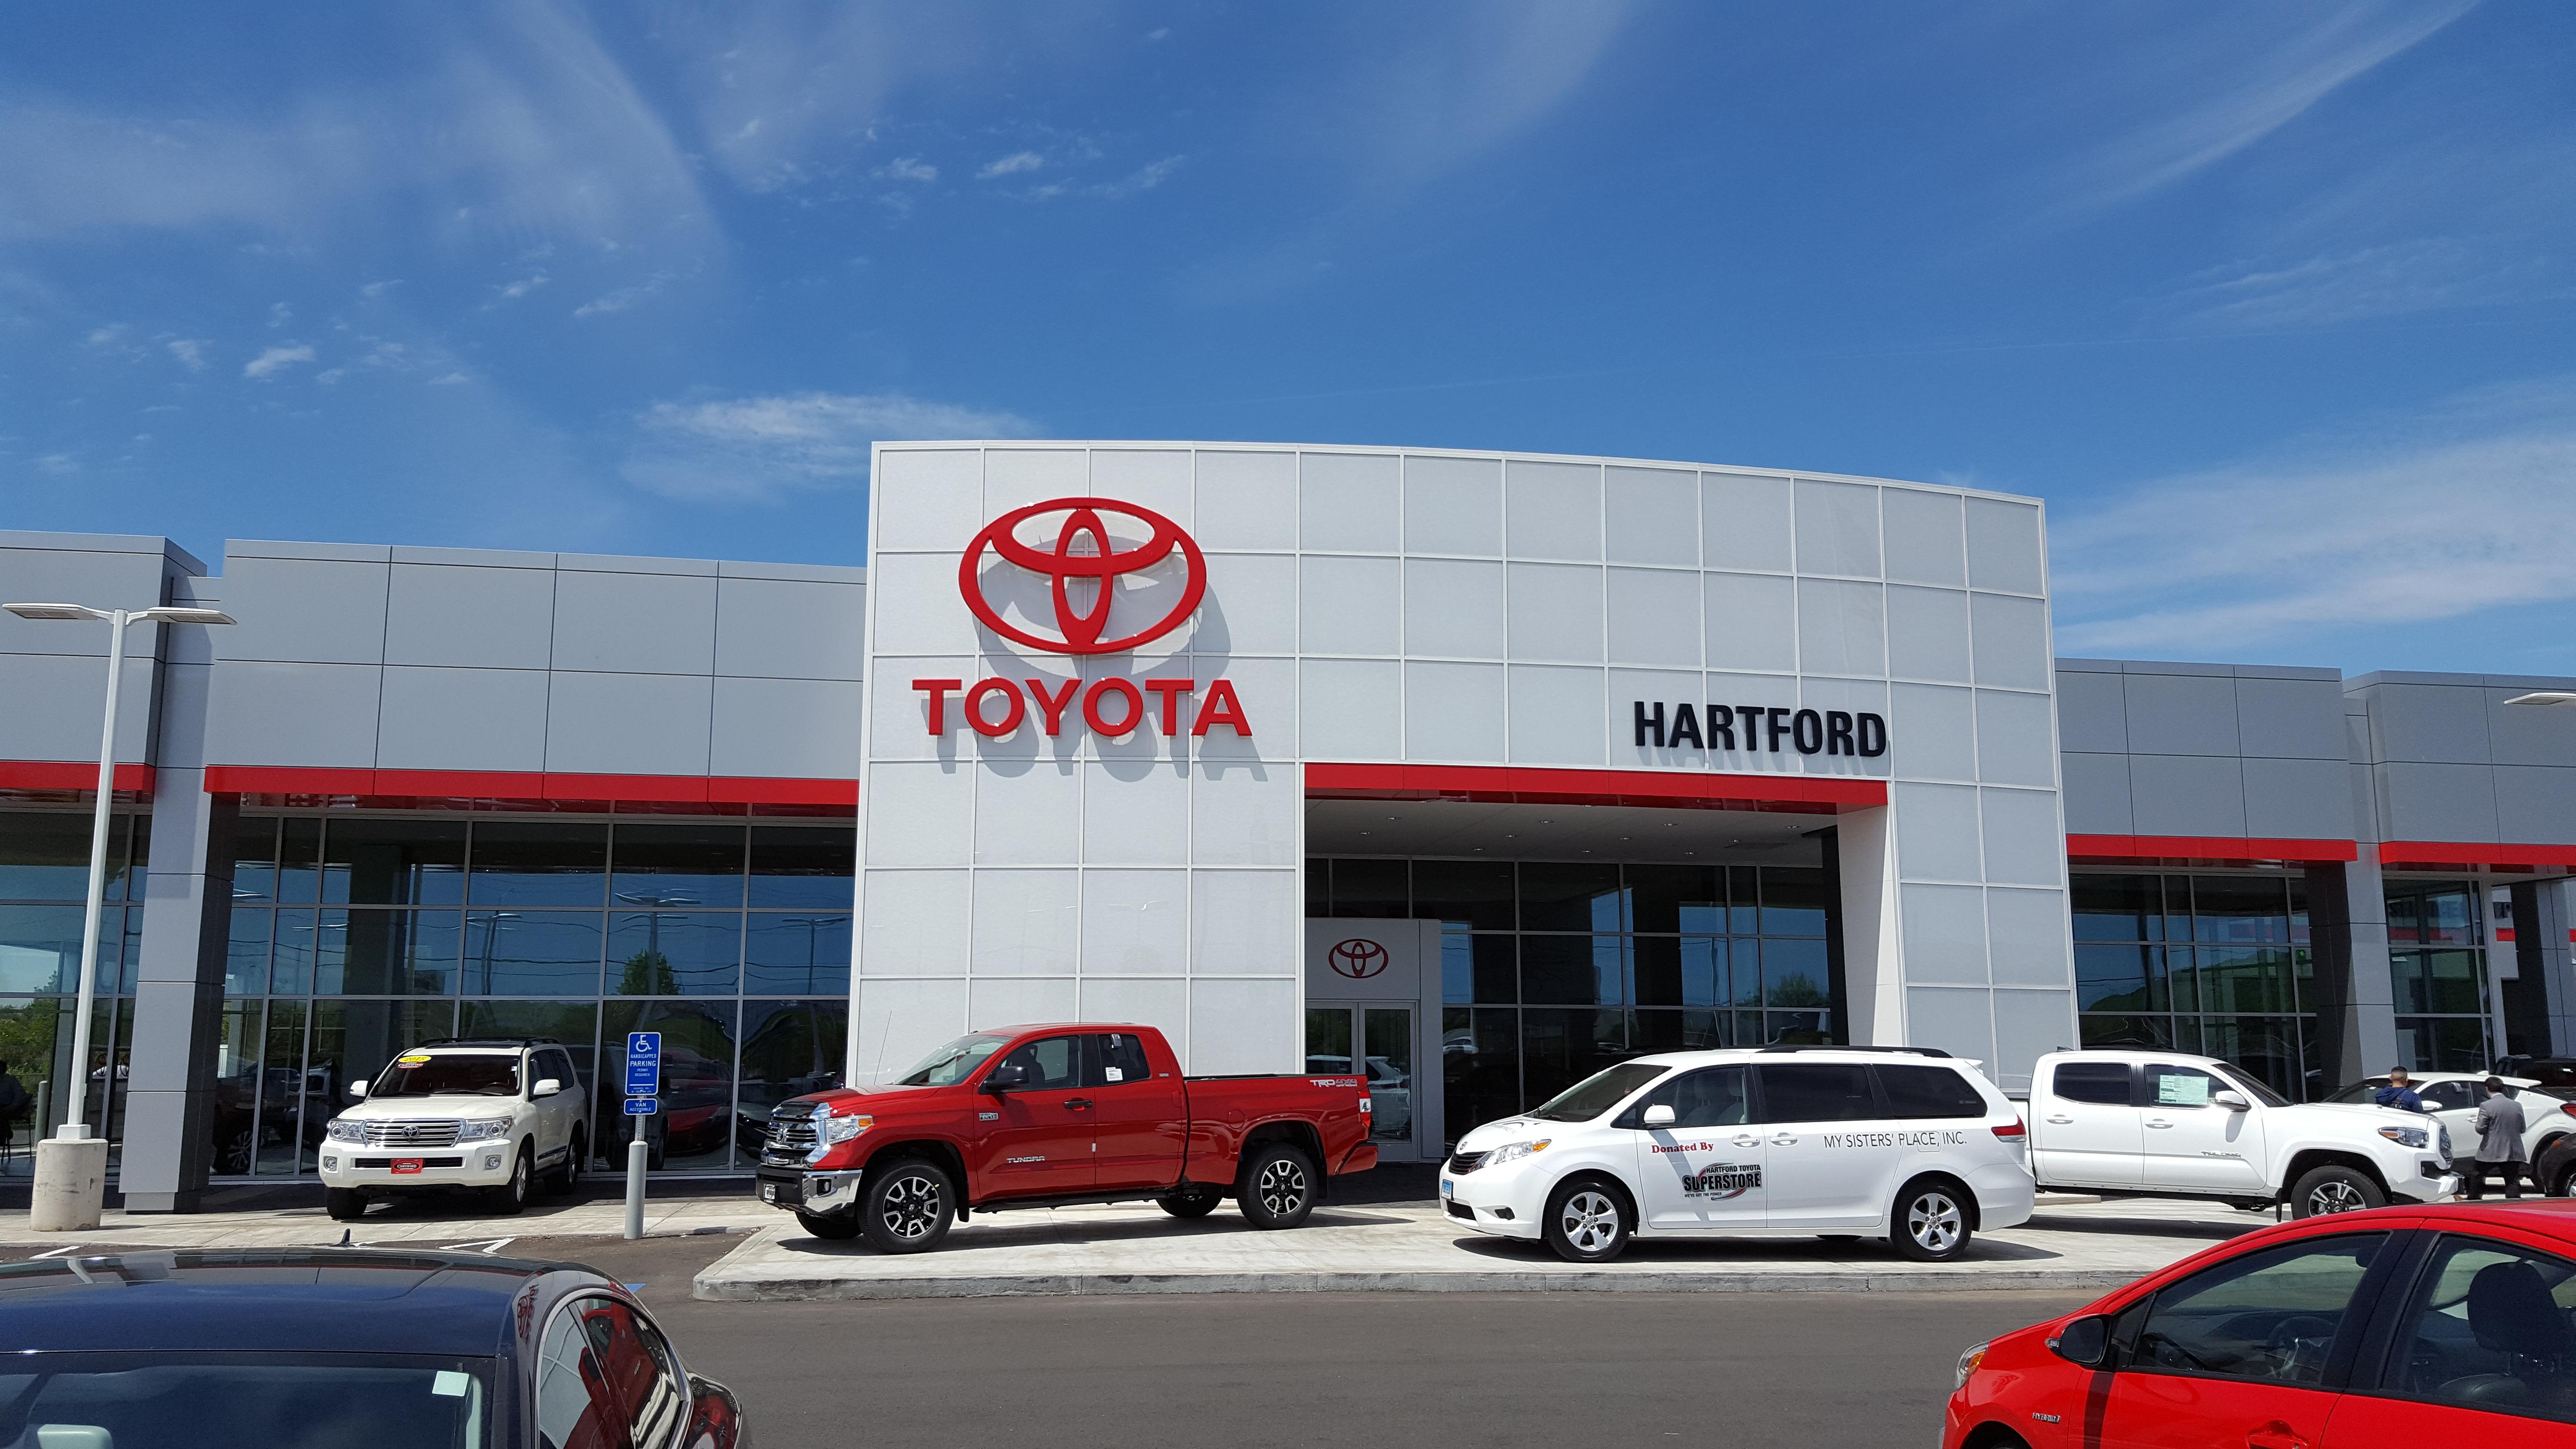 Hartford Toyota